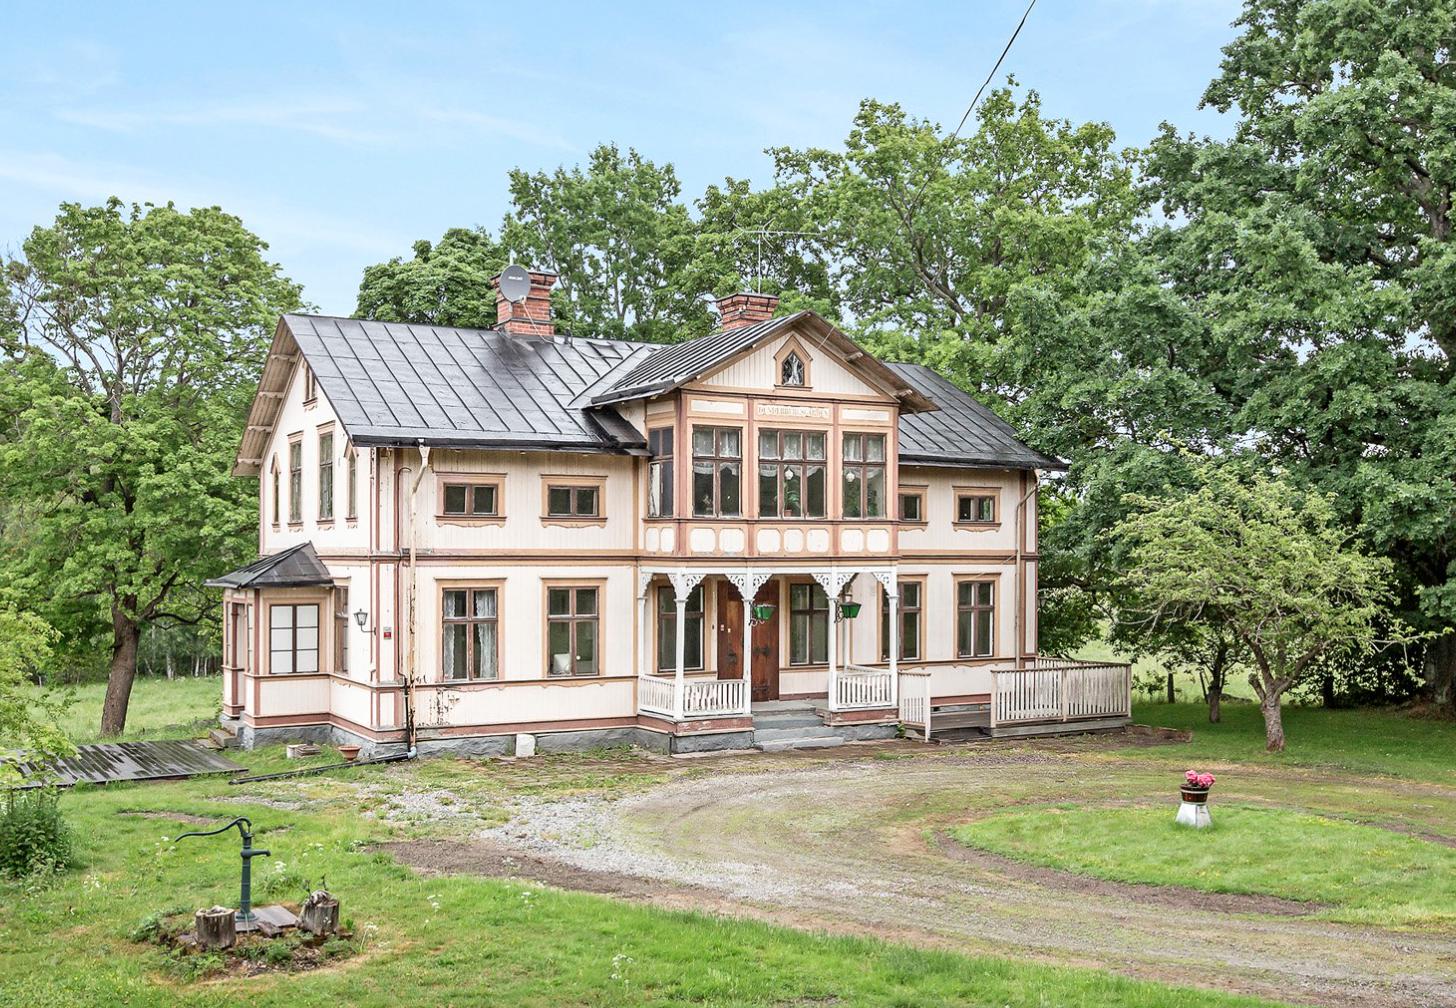 Dunderbergsgården i Ockelbo till salu